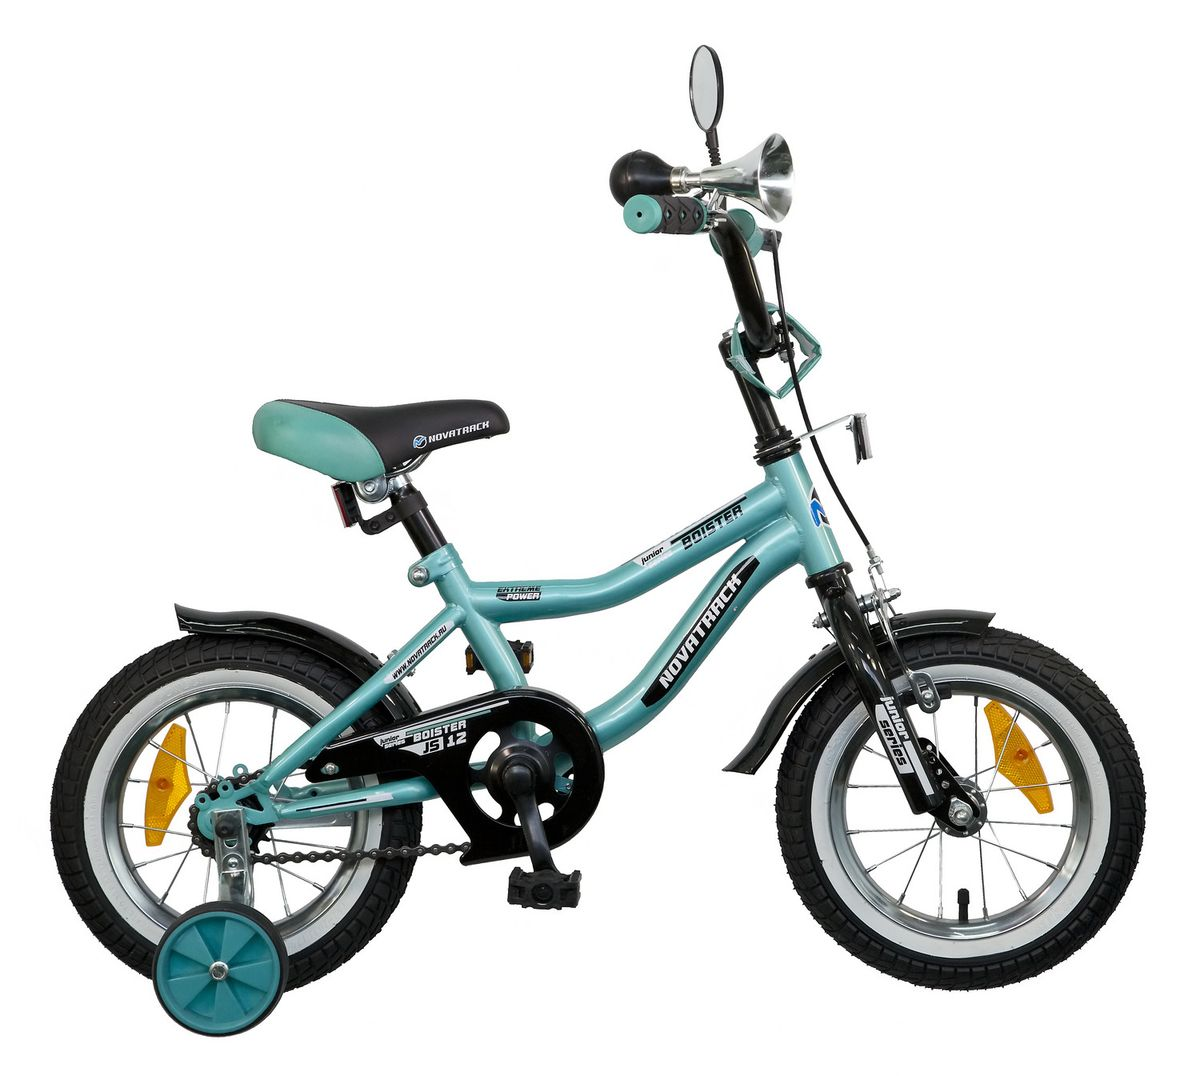 Велосипед детский Novatrack Boister, цвет: зеленый, черный, белый, 12 велосипед novatrack boister 2016